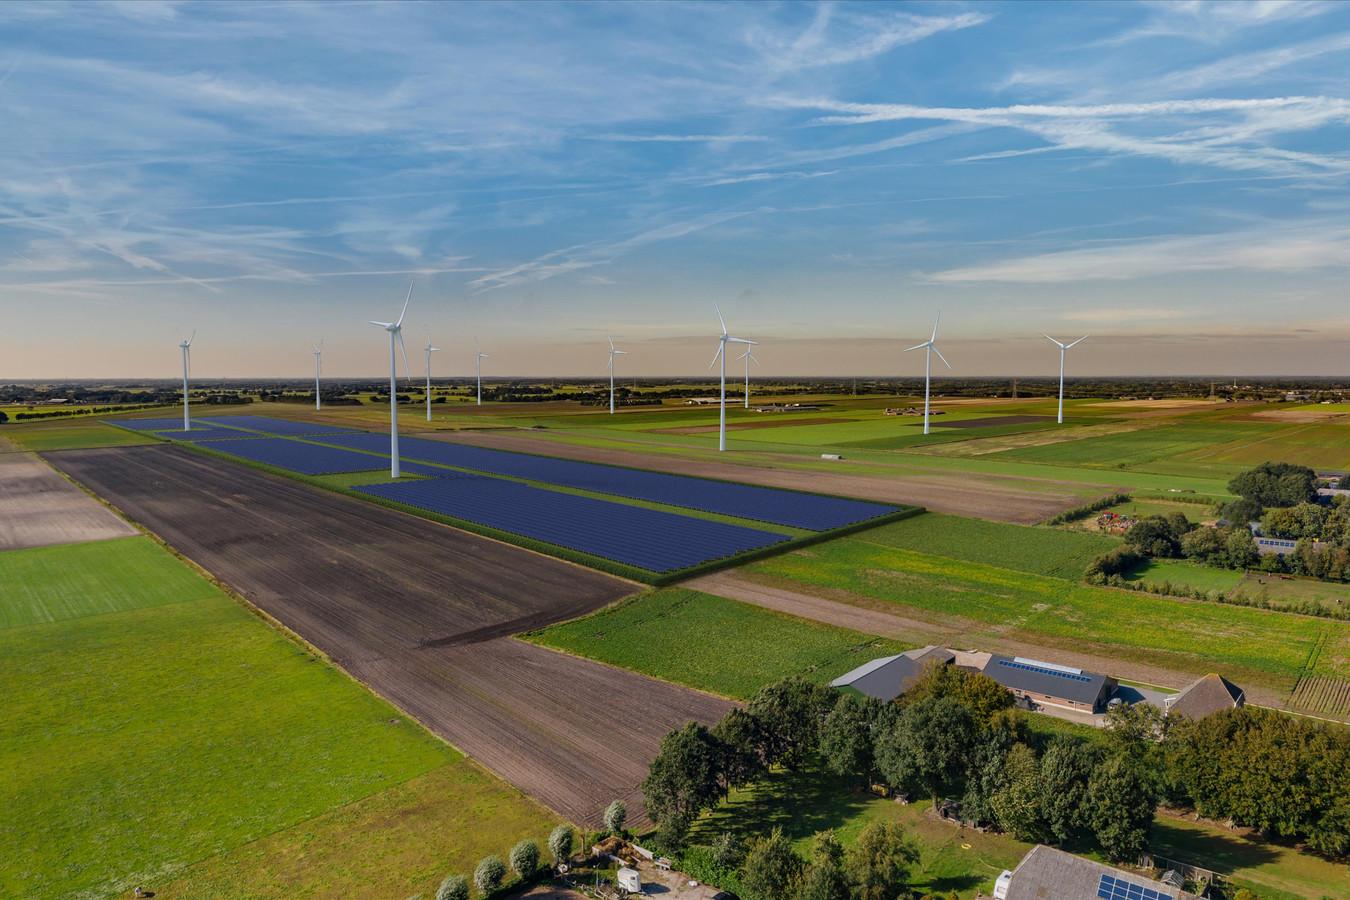 Raedthuys wil een zonnepark realiseren onder de twee meest zuidelijk gelegen windturbines in windpark De Veenwieken, gelegen tussen de Driehoekweg, Dwarsweg en Schapendijk ten zuiden van Dedemsvaart. Op deze visualisering wordt het zonnepark belicht vanaf de Driehoekweg, vanuit een hoger perspectief.